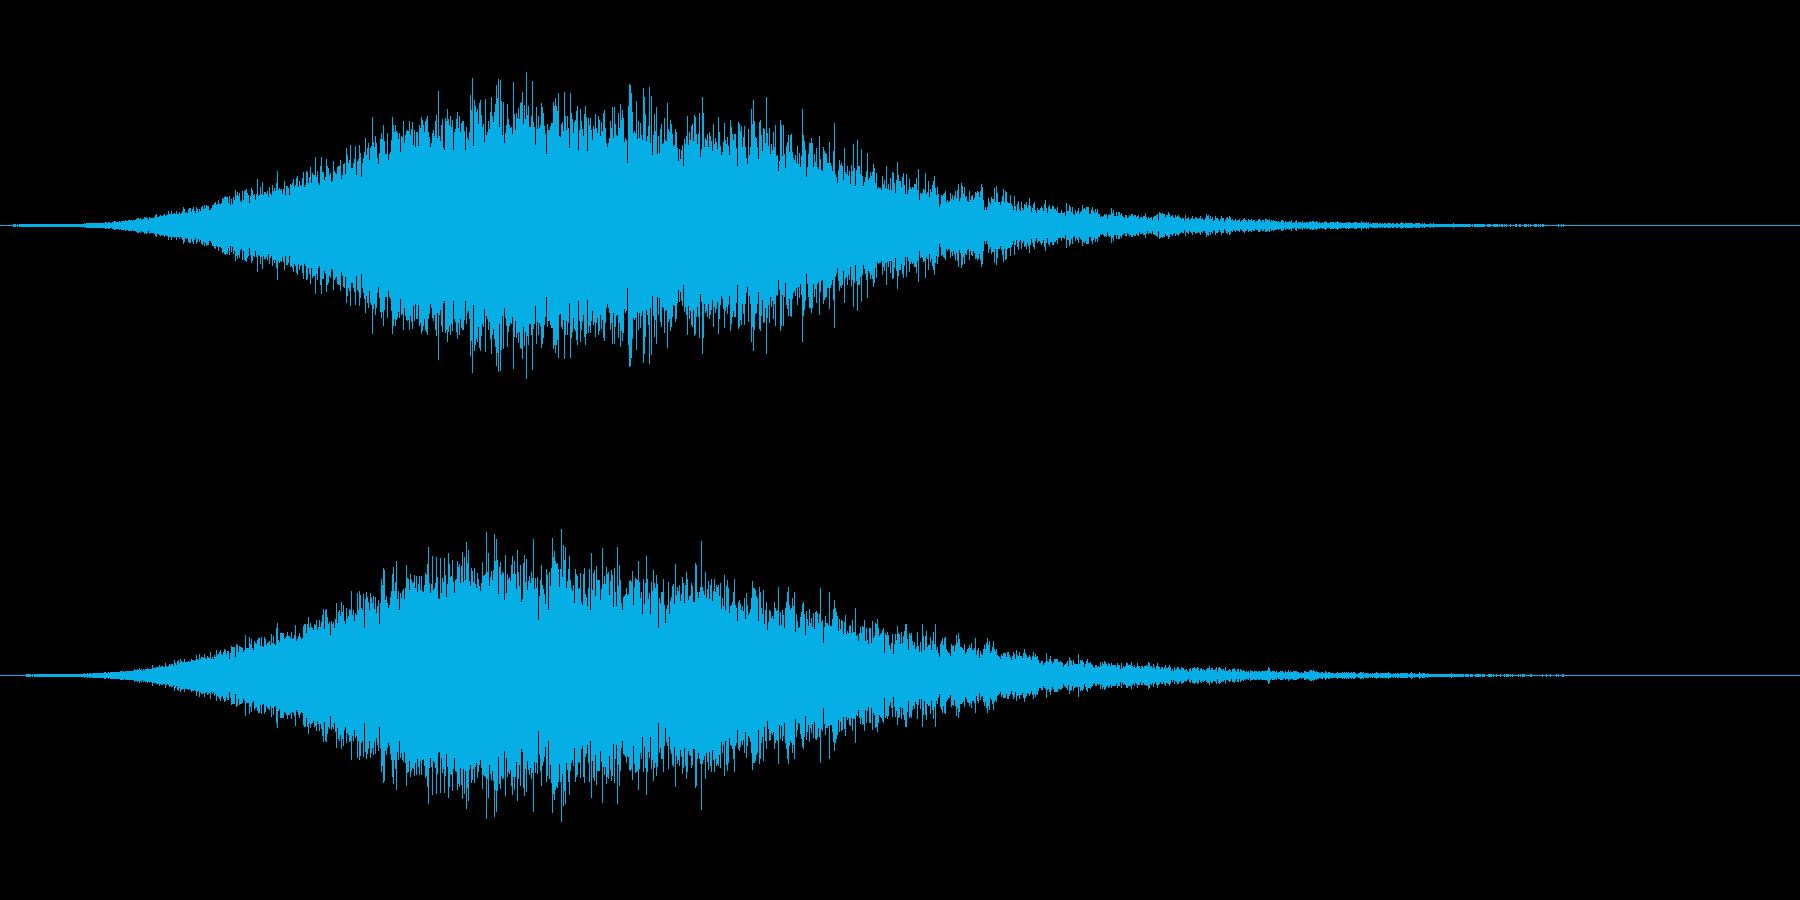 FMラジオジングル効果音SWEEPERの再生済みの波形